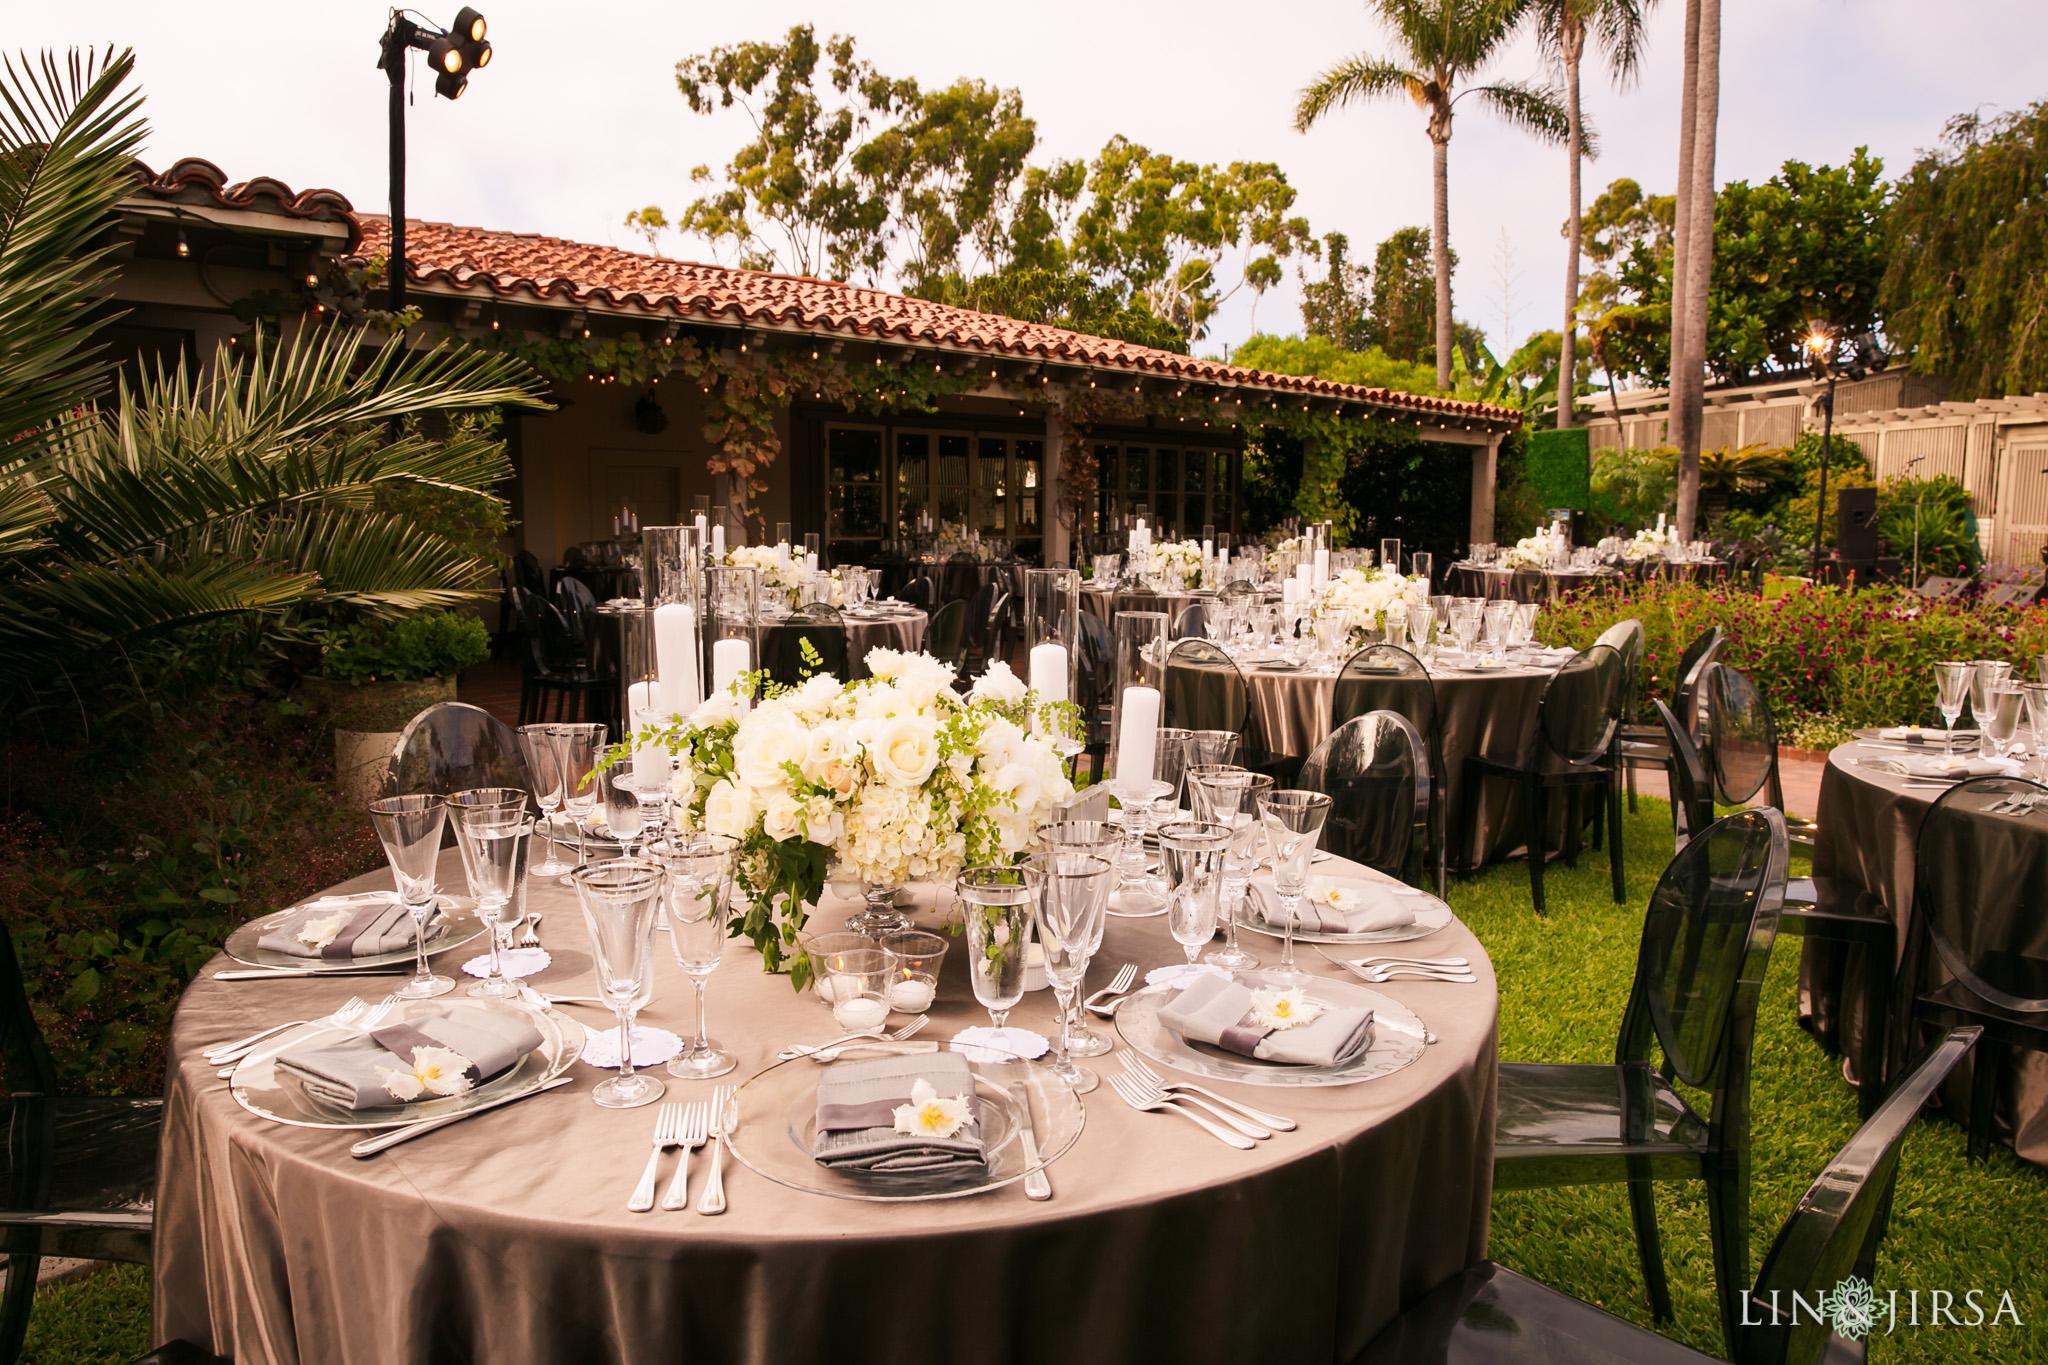 30 sherman library gardens corona del mar same sex wedding photography